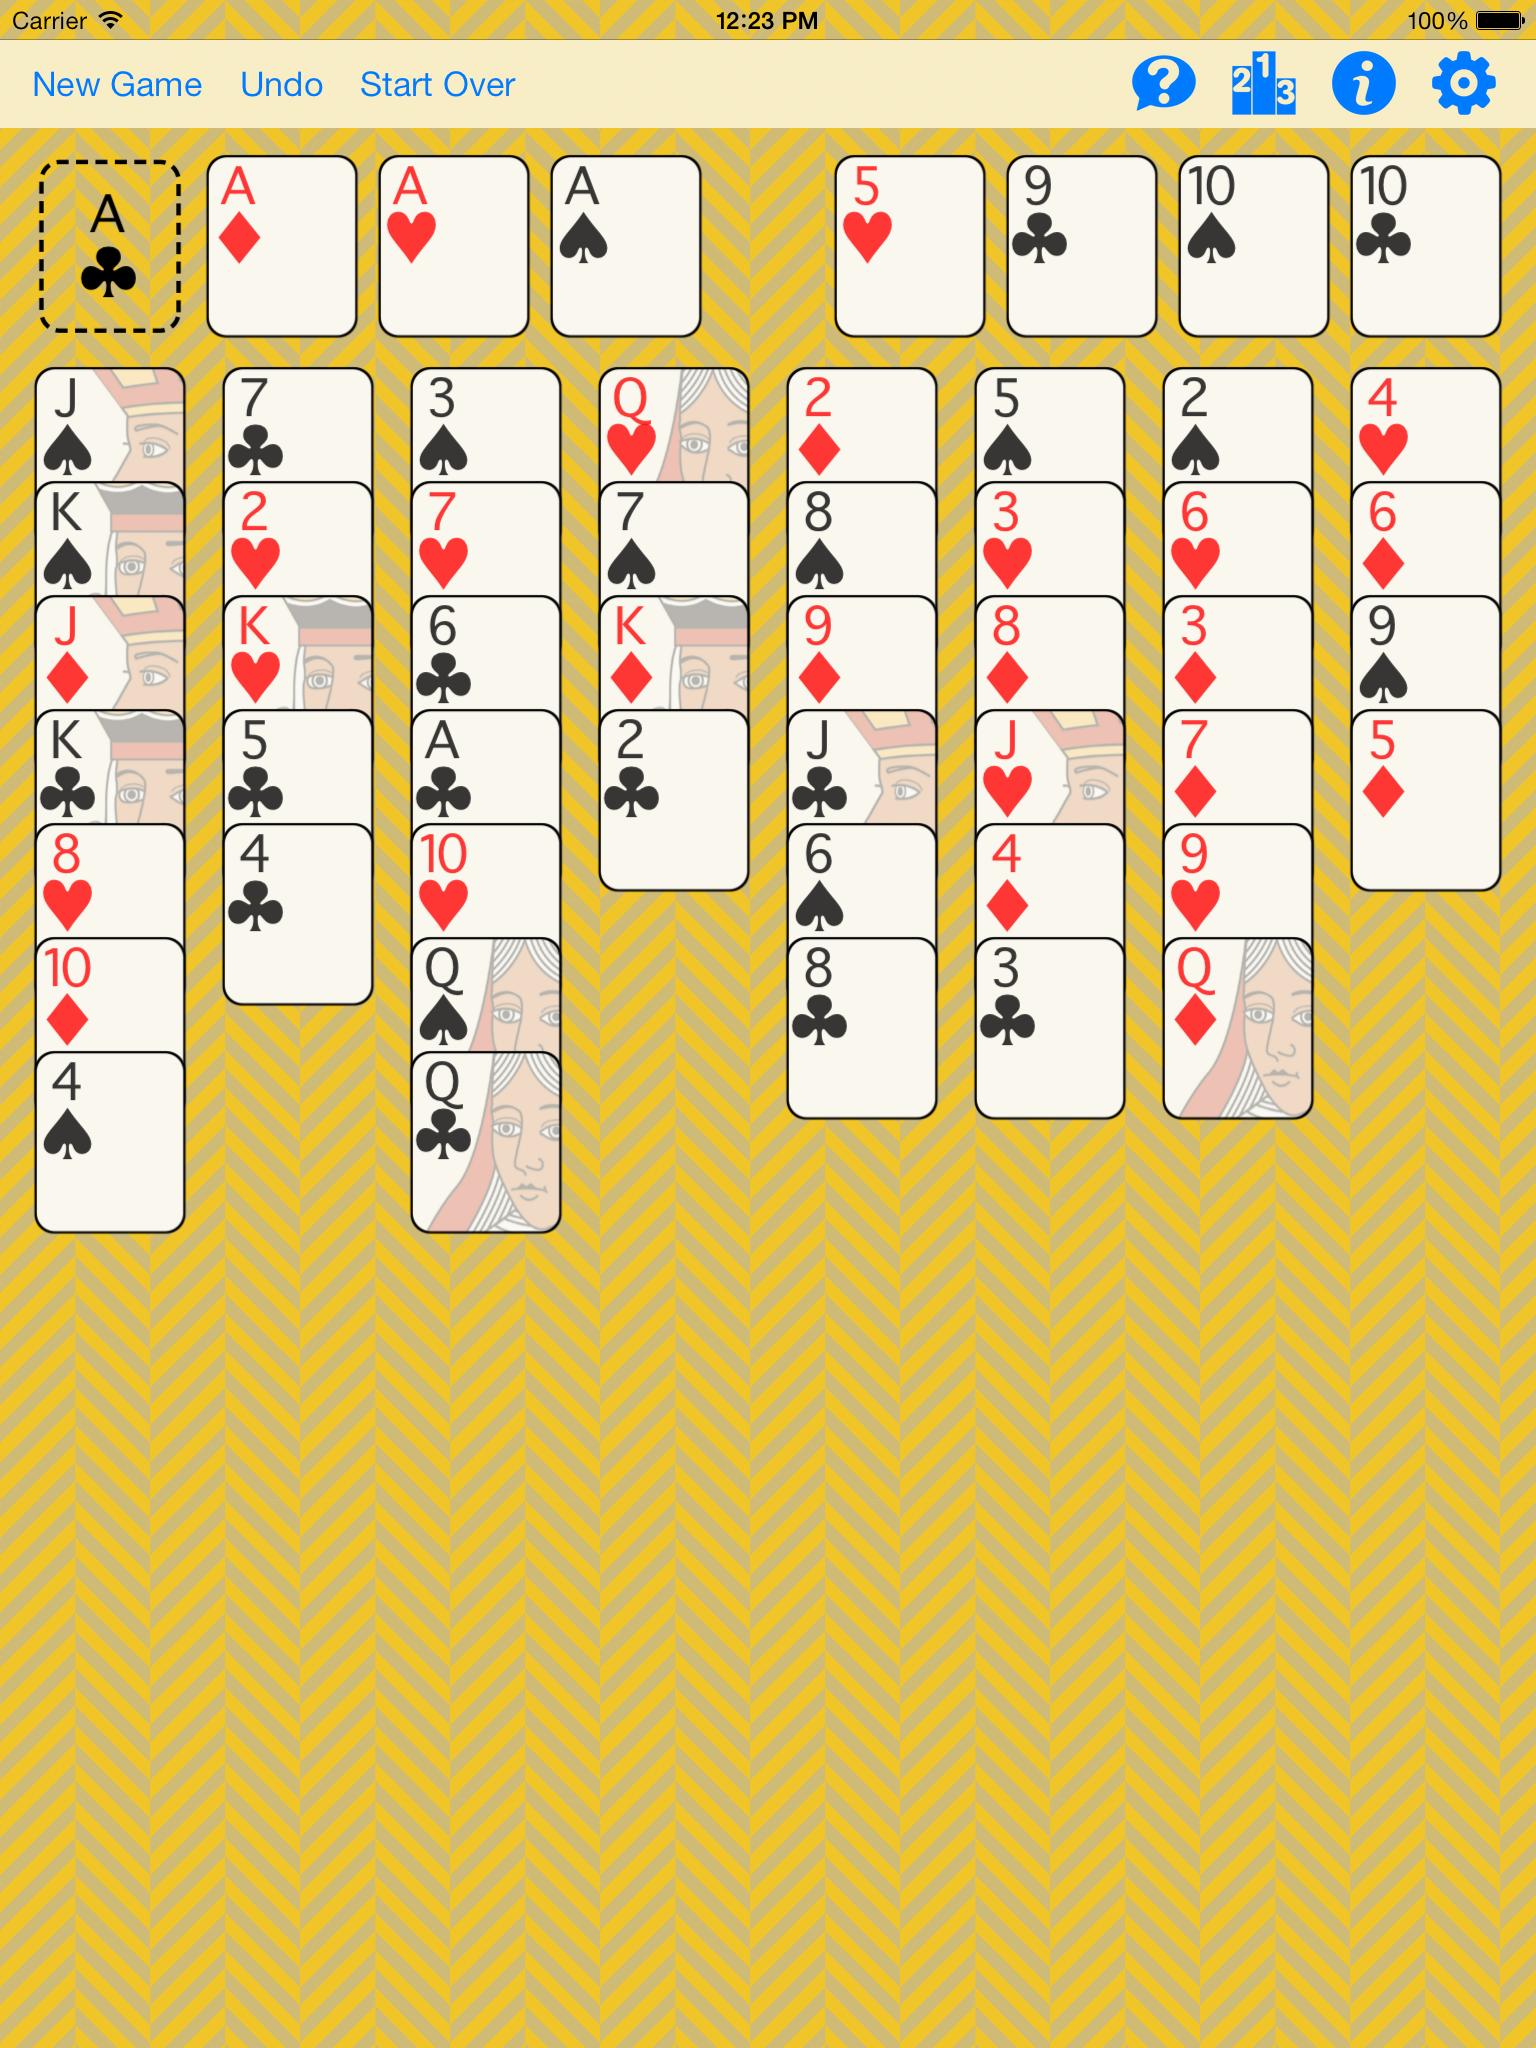 iOS Simulator Screen shot Jan 8, 2014, 12.23.30 PM.png